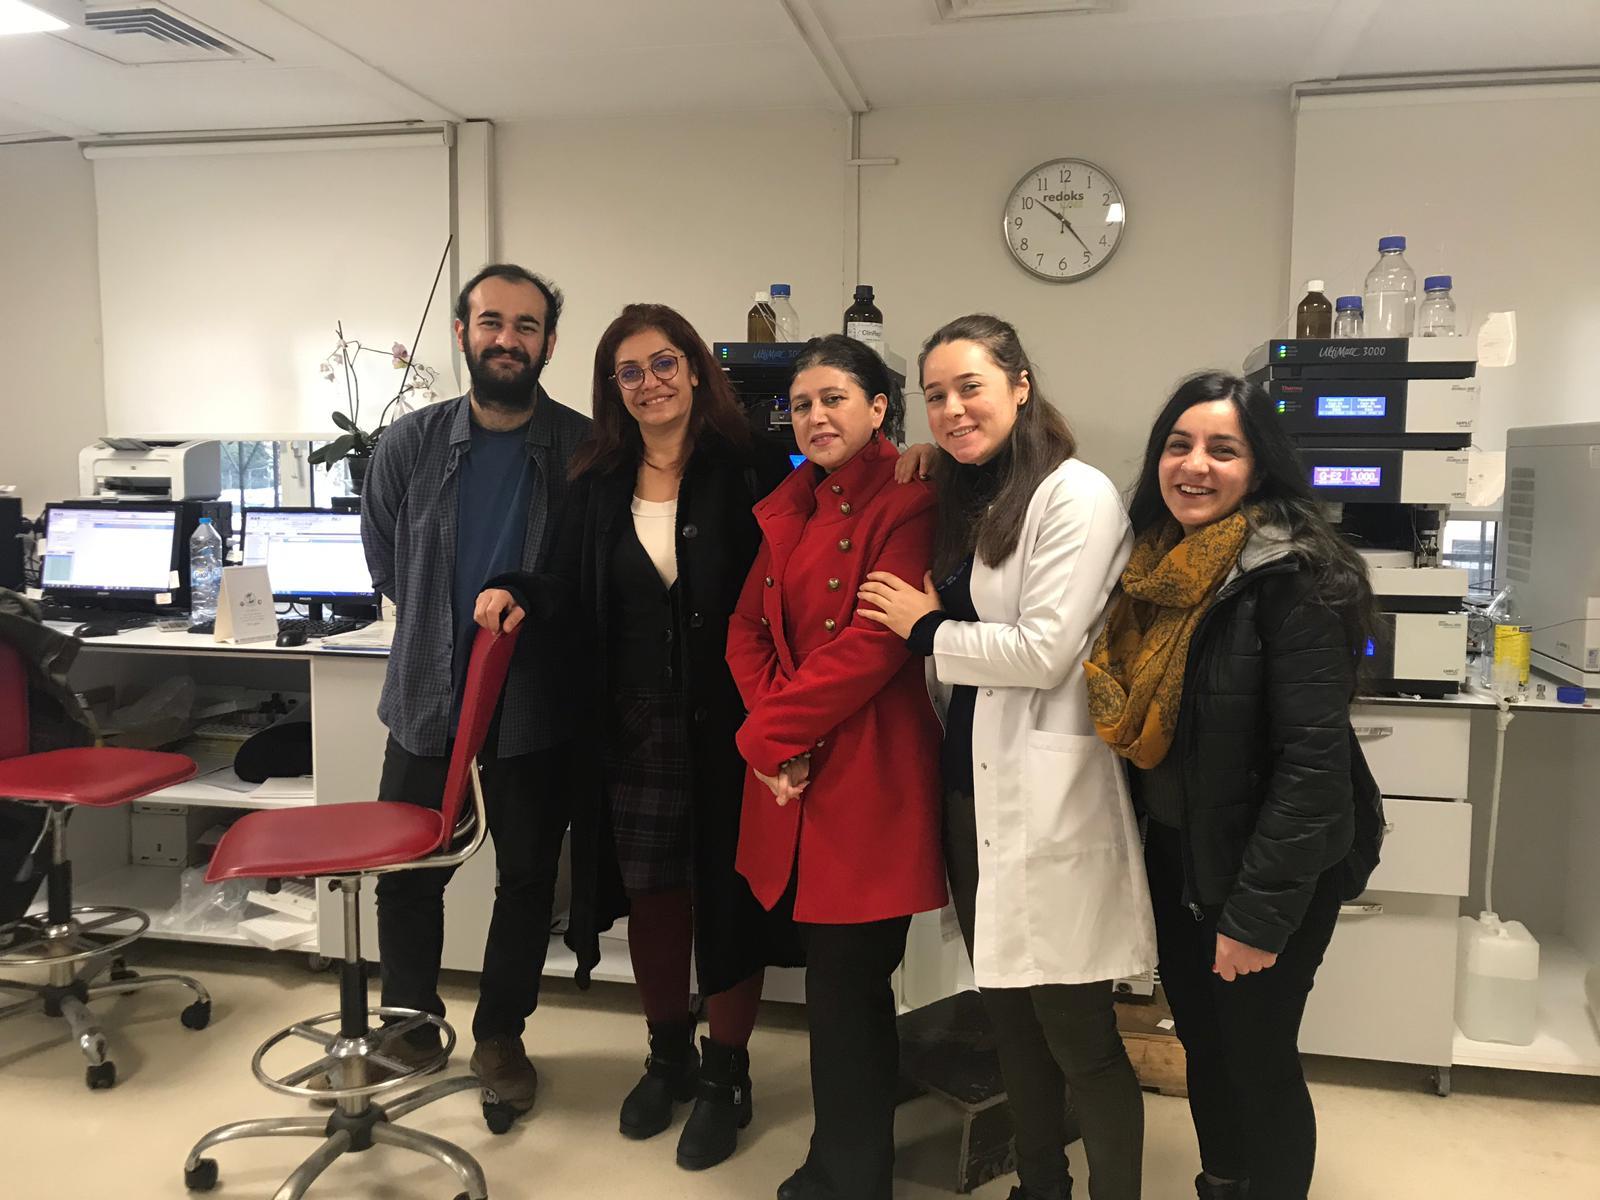 Dr. Sadi Konuk Eğitim ve Araştırma Hastanesi'nde 22 Aralık İstanbul KESK Bölge Mitingi Çalışması Yaptık